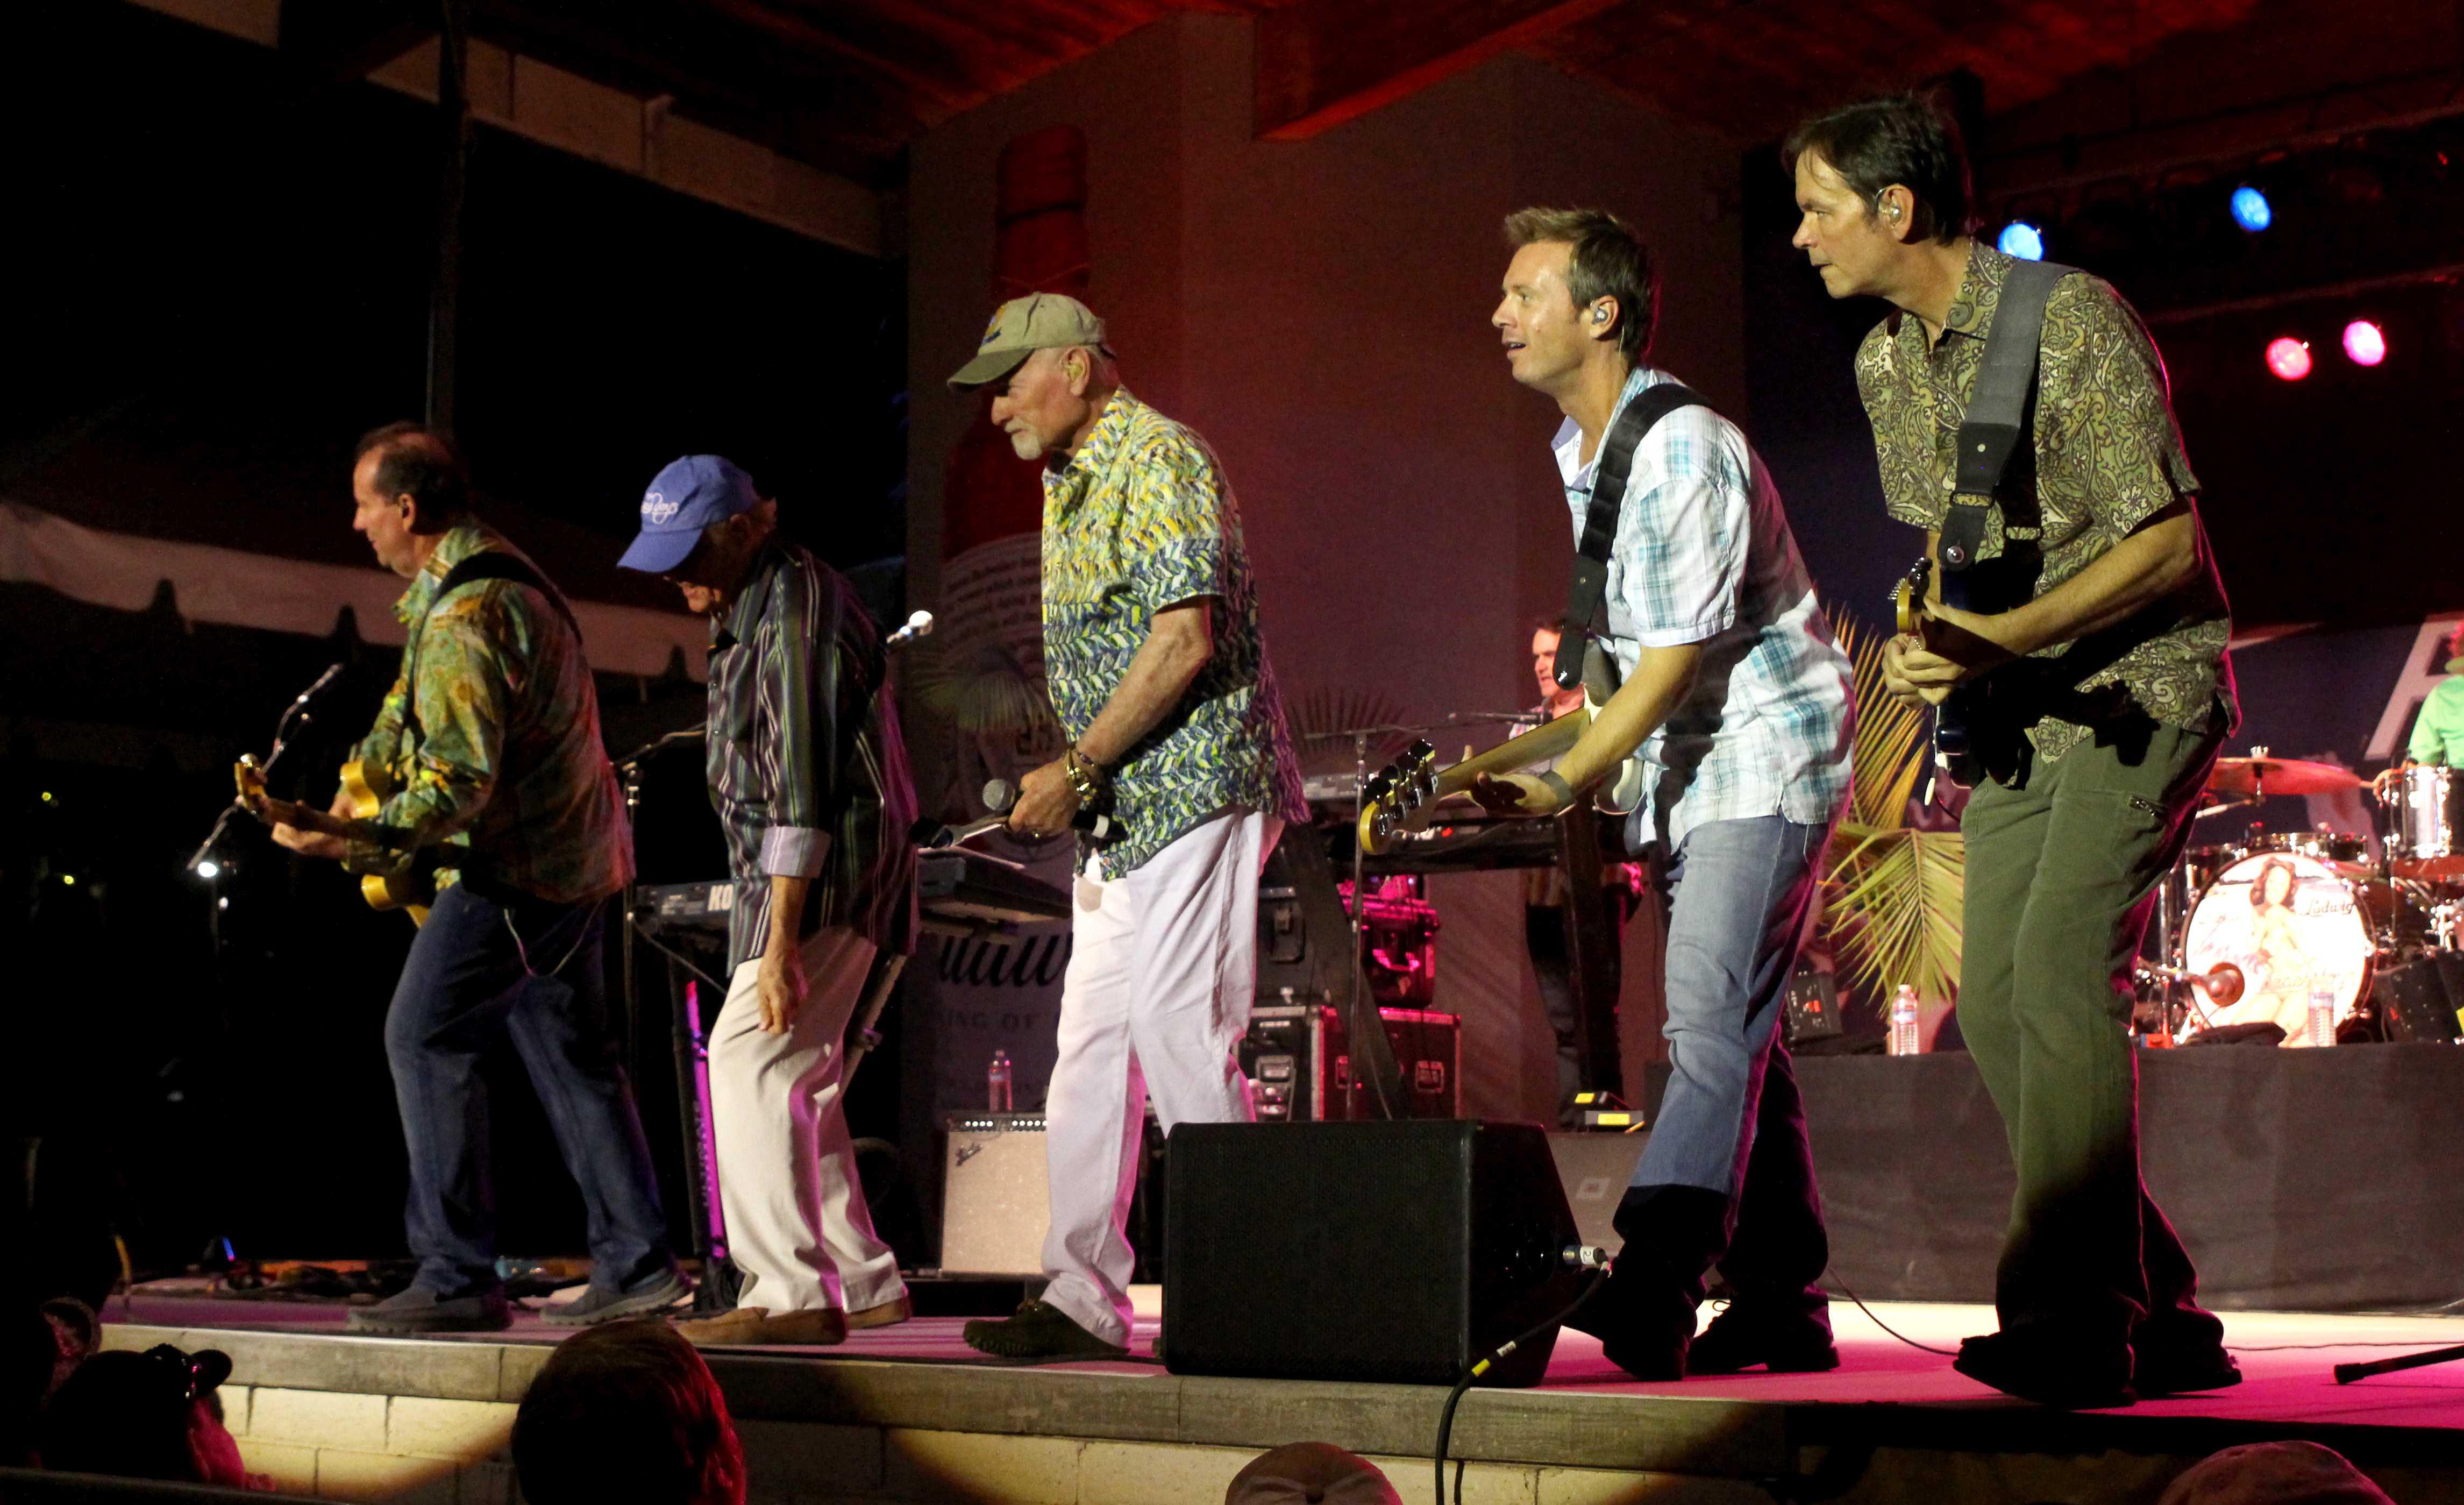 Beach Boys bring 'Good Vibes' to fair